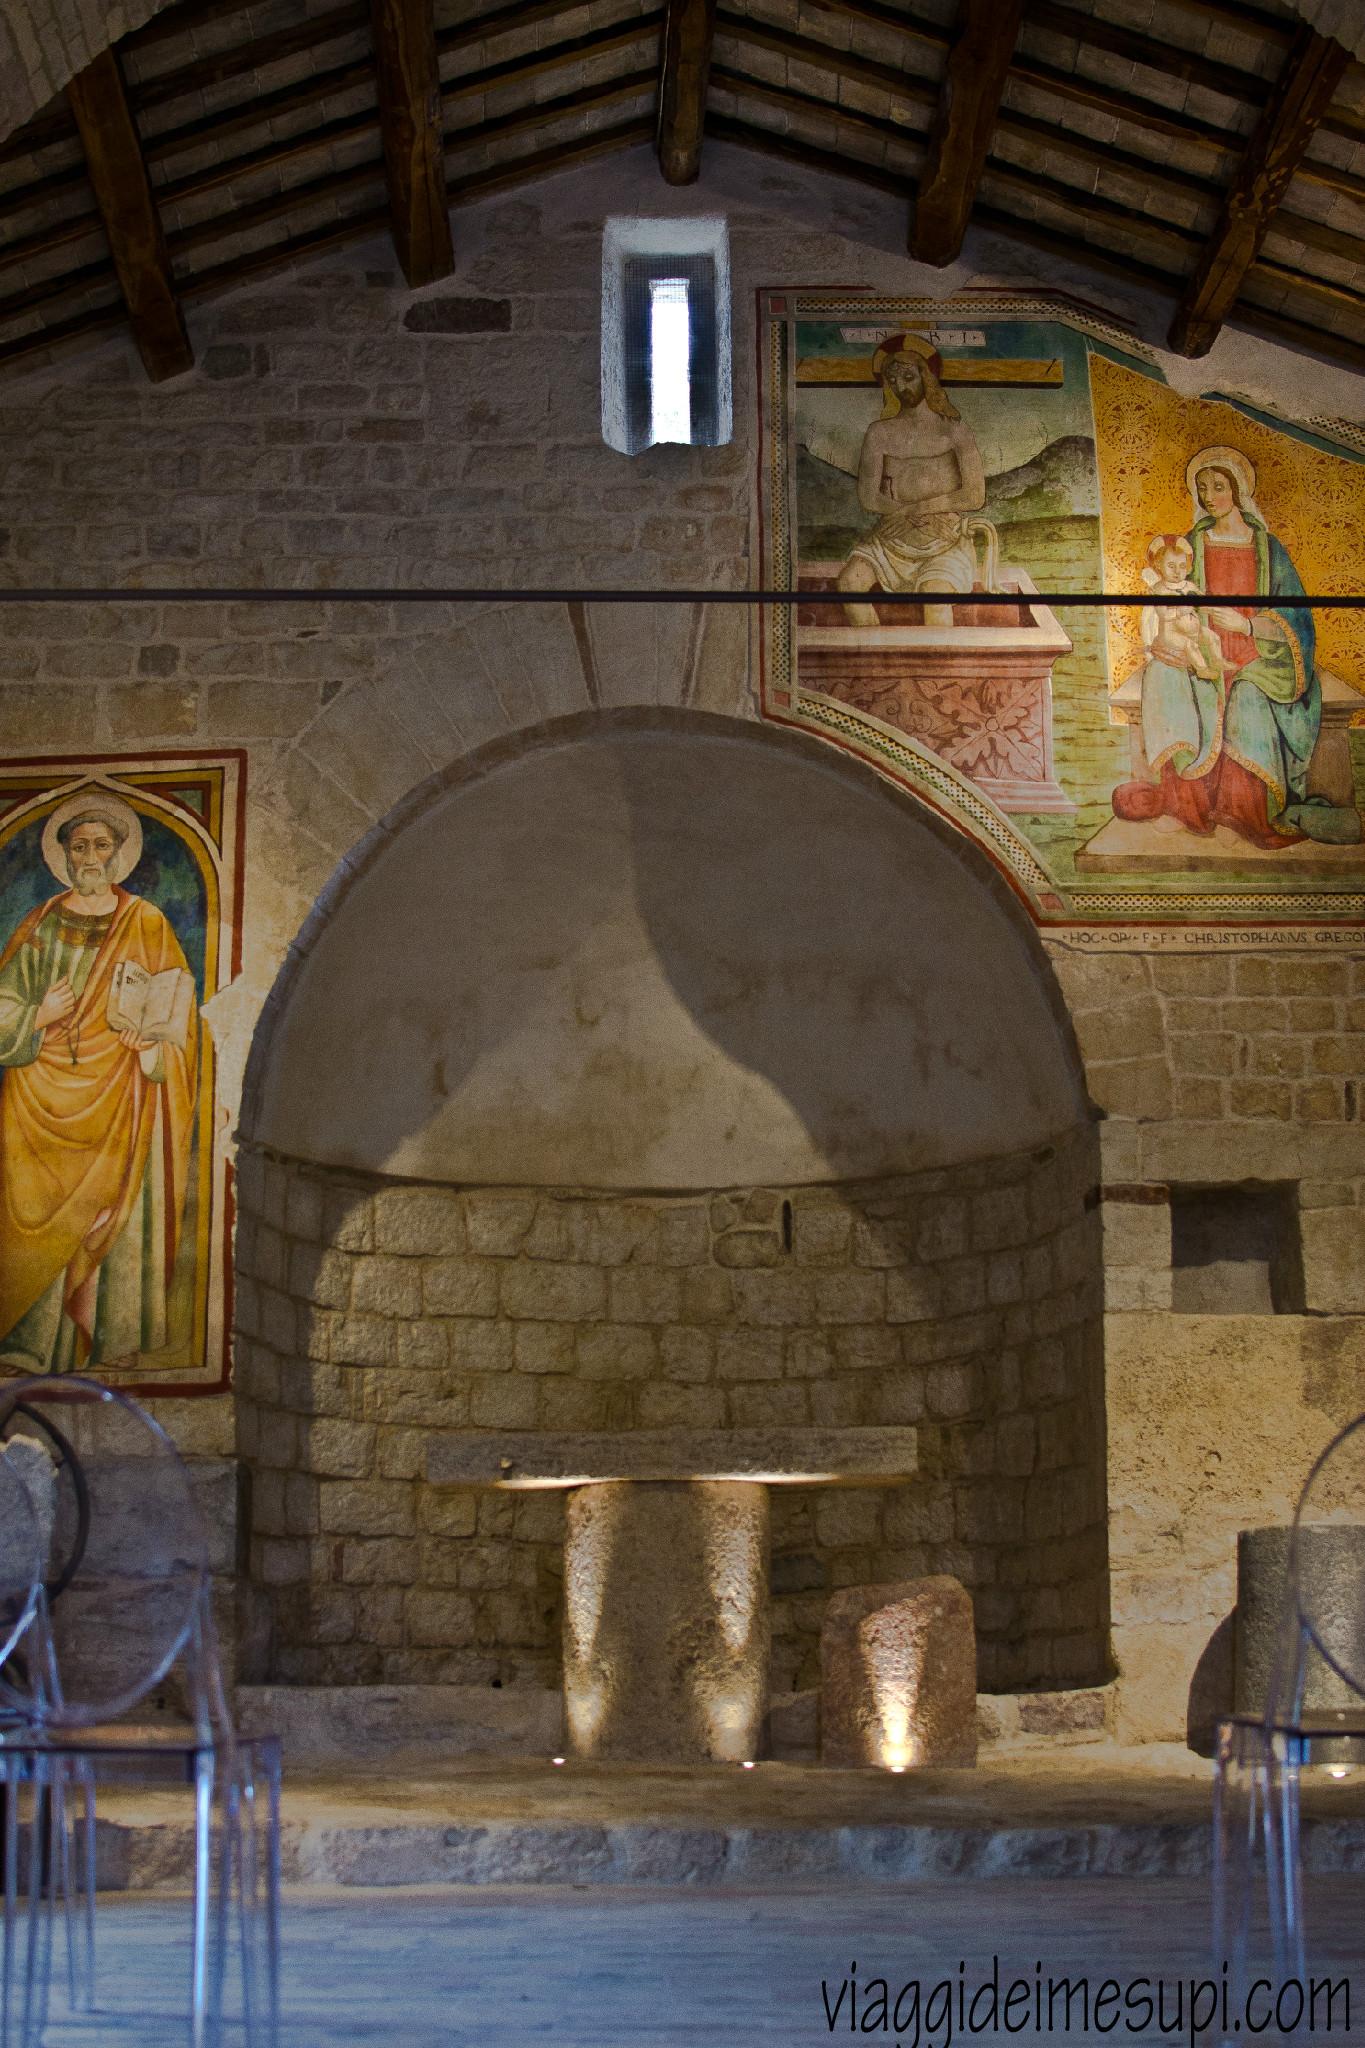 Chiesa romaica di San Pietro a Pettine, Trevi